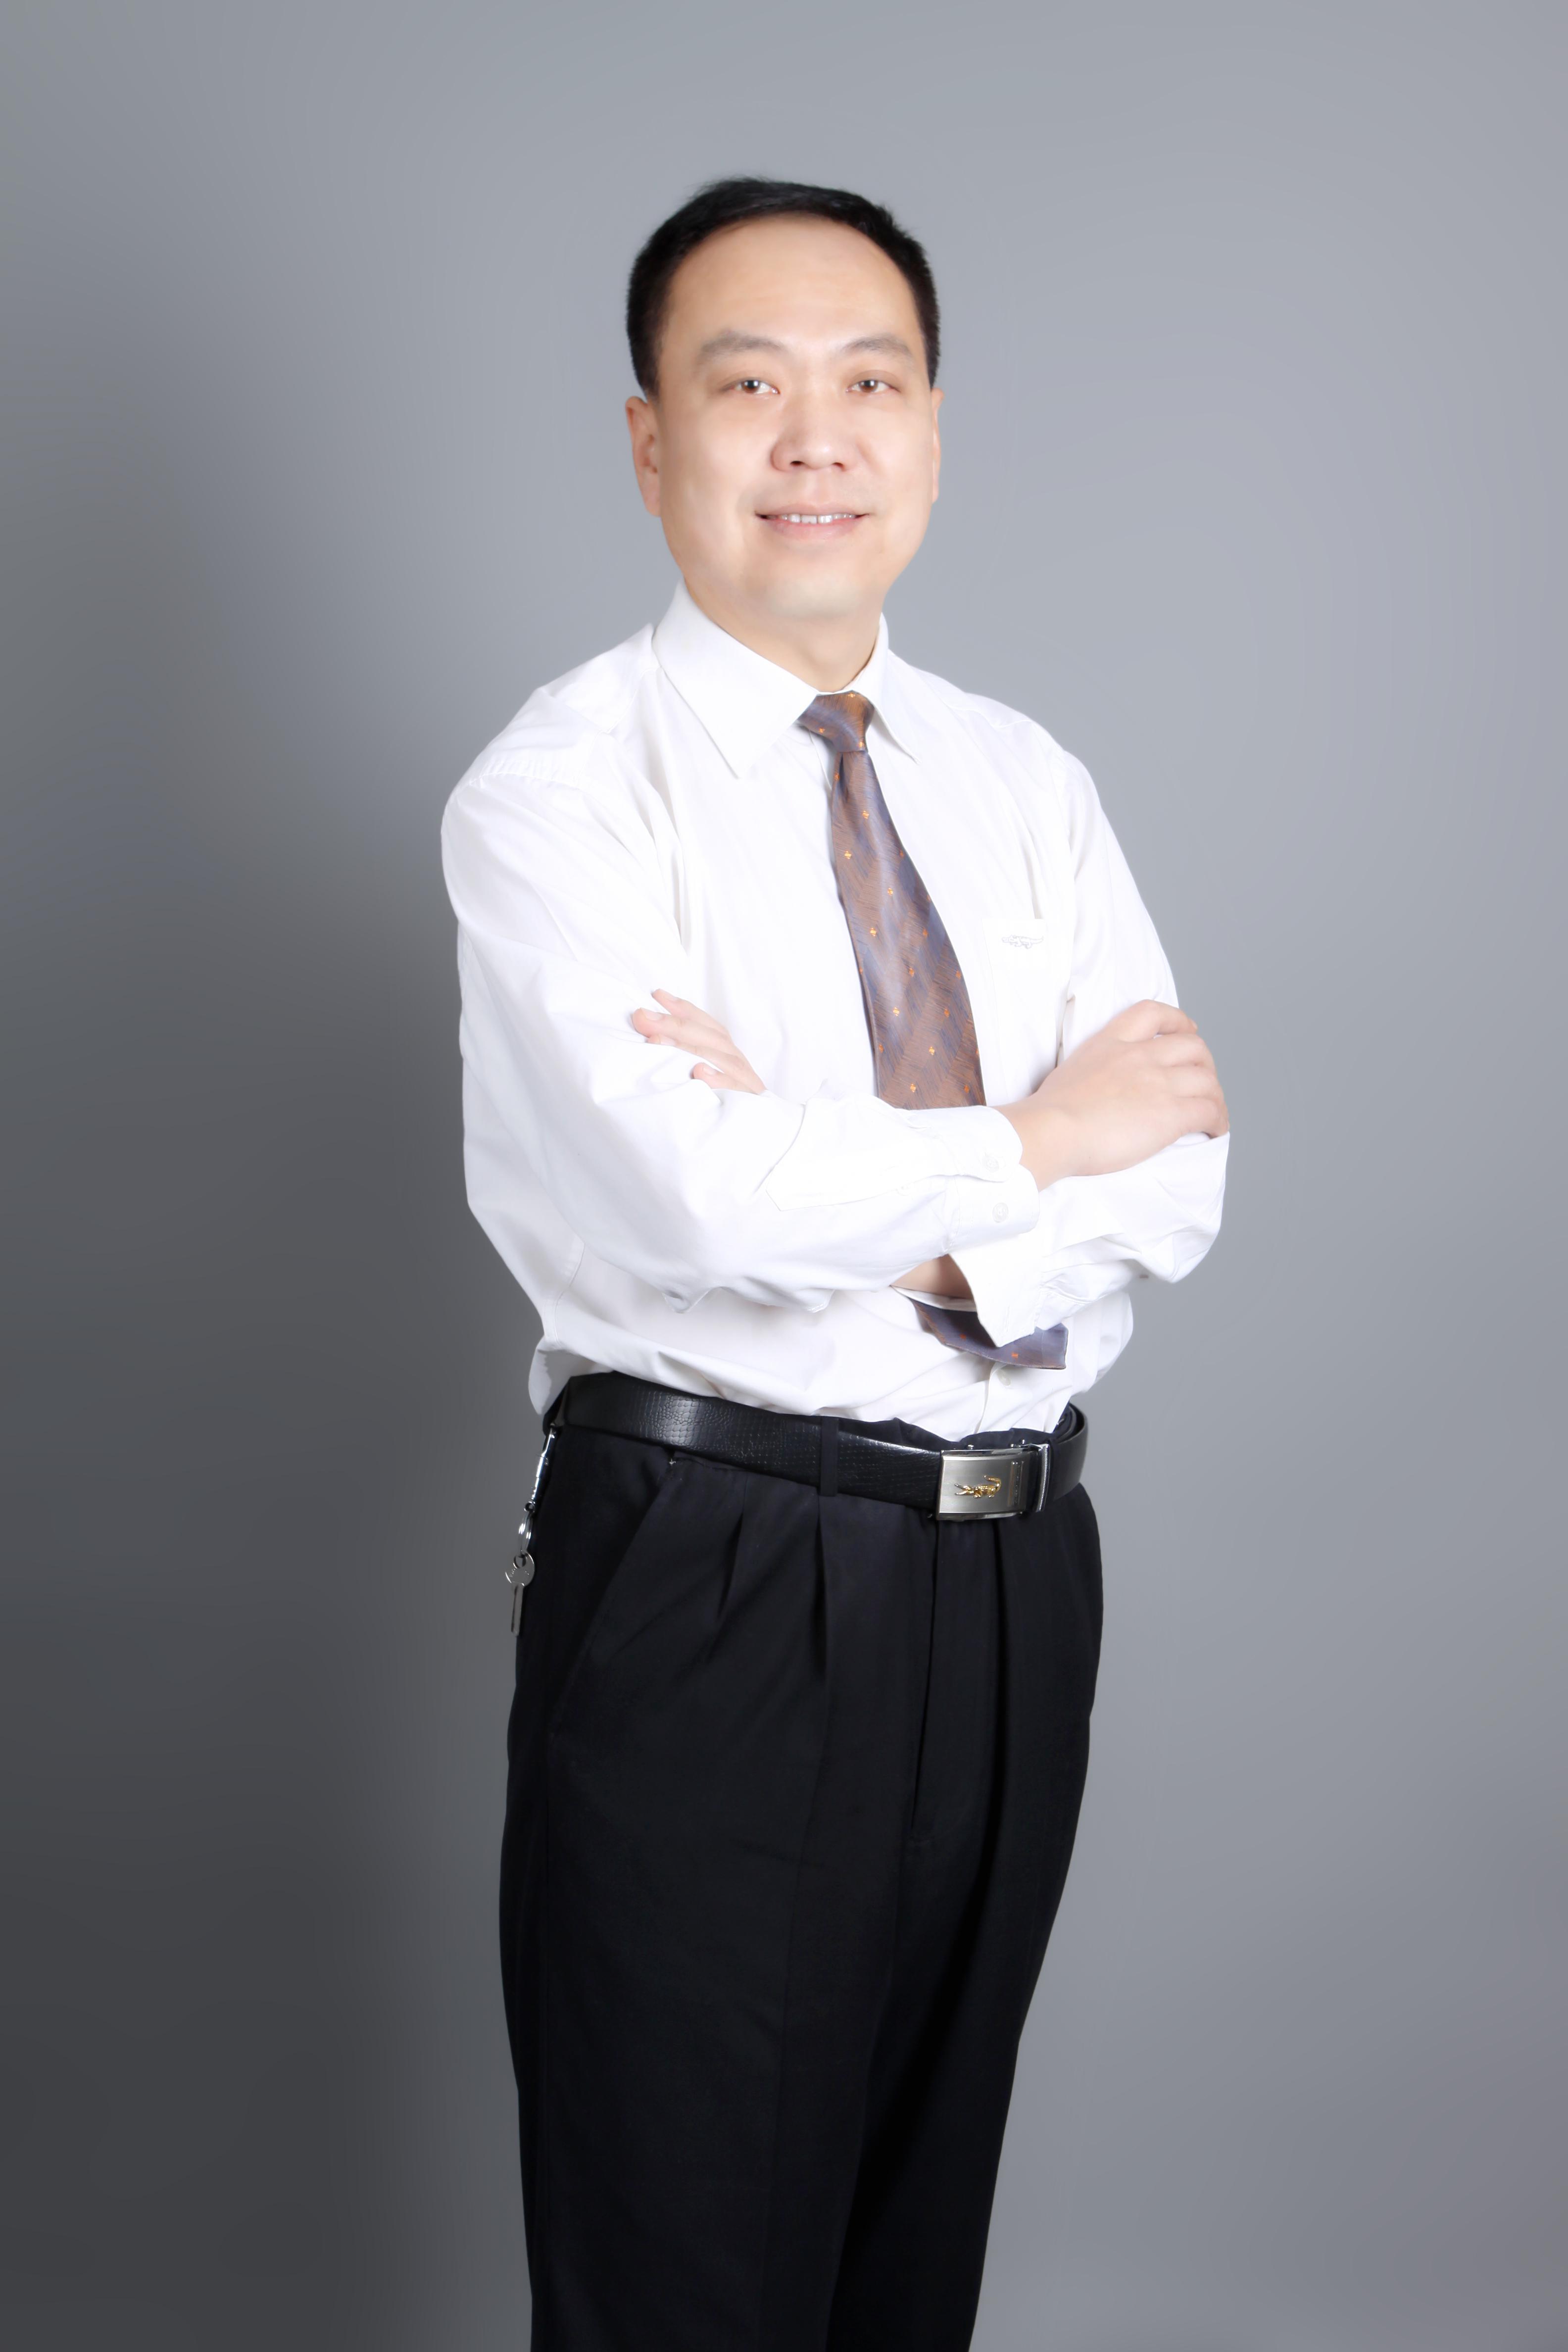 苏州高层管理岗位设计培训讲师